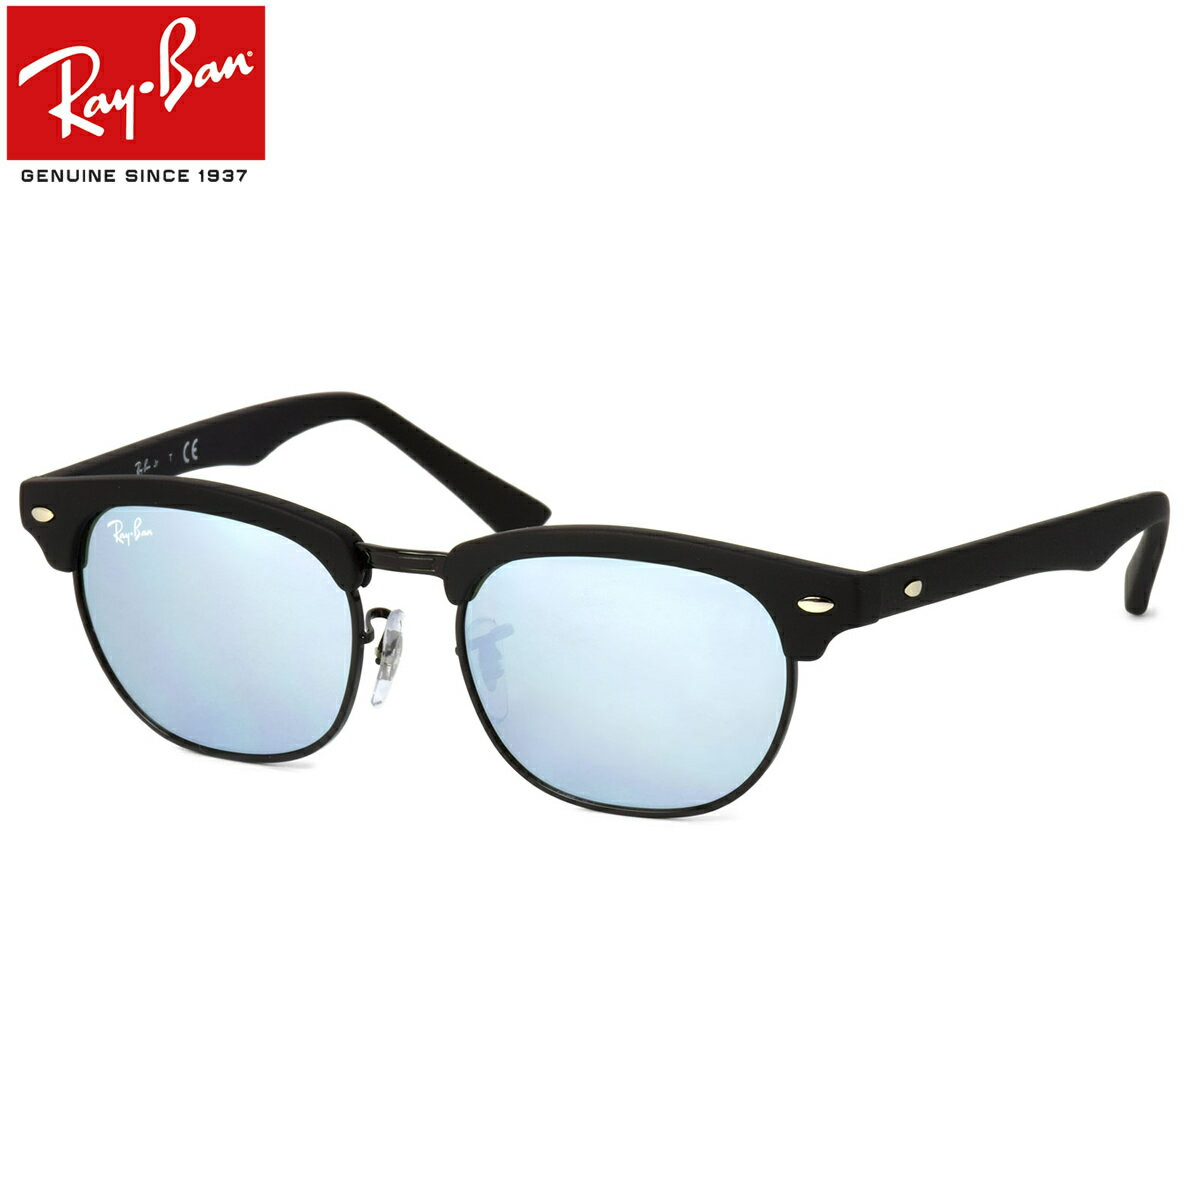 Ray-Ban レイバン サングラスRJ9050S 100S30 45サイズ 47サイズクラブマスター ジュニア CLUBMASTER JUNIOR スクエア ブローレイバン RayBan 子供用 キッズ用